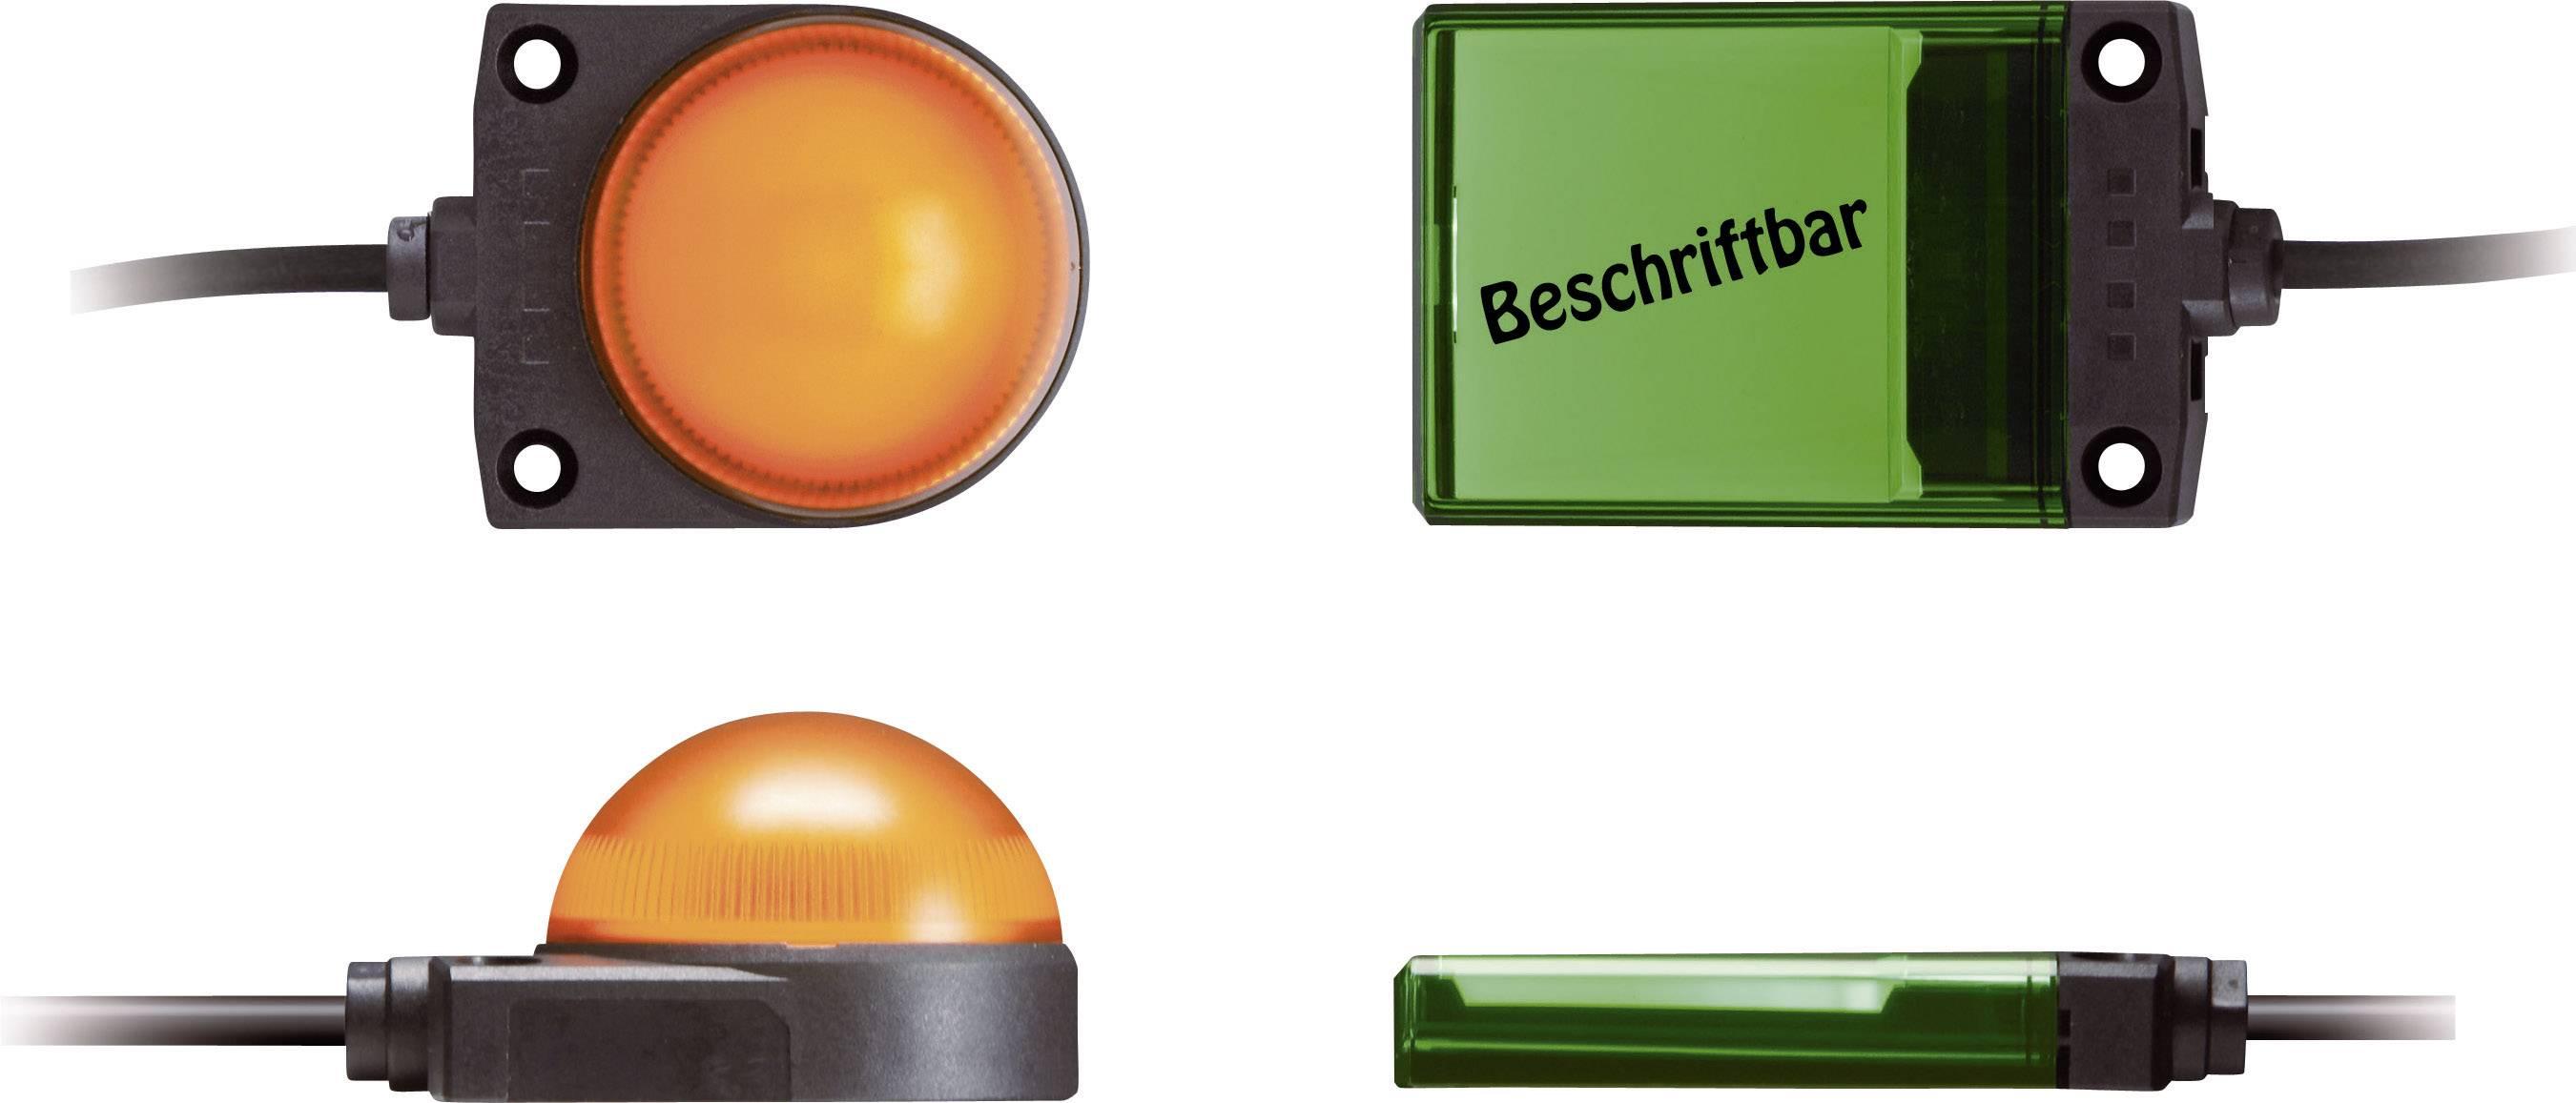 Signální osvětlení LED Idec LH1D-H2HQ4C30RG, 24 V/DC, 24 V/AC, červená, zelená